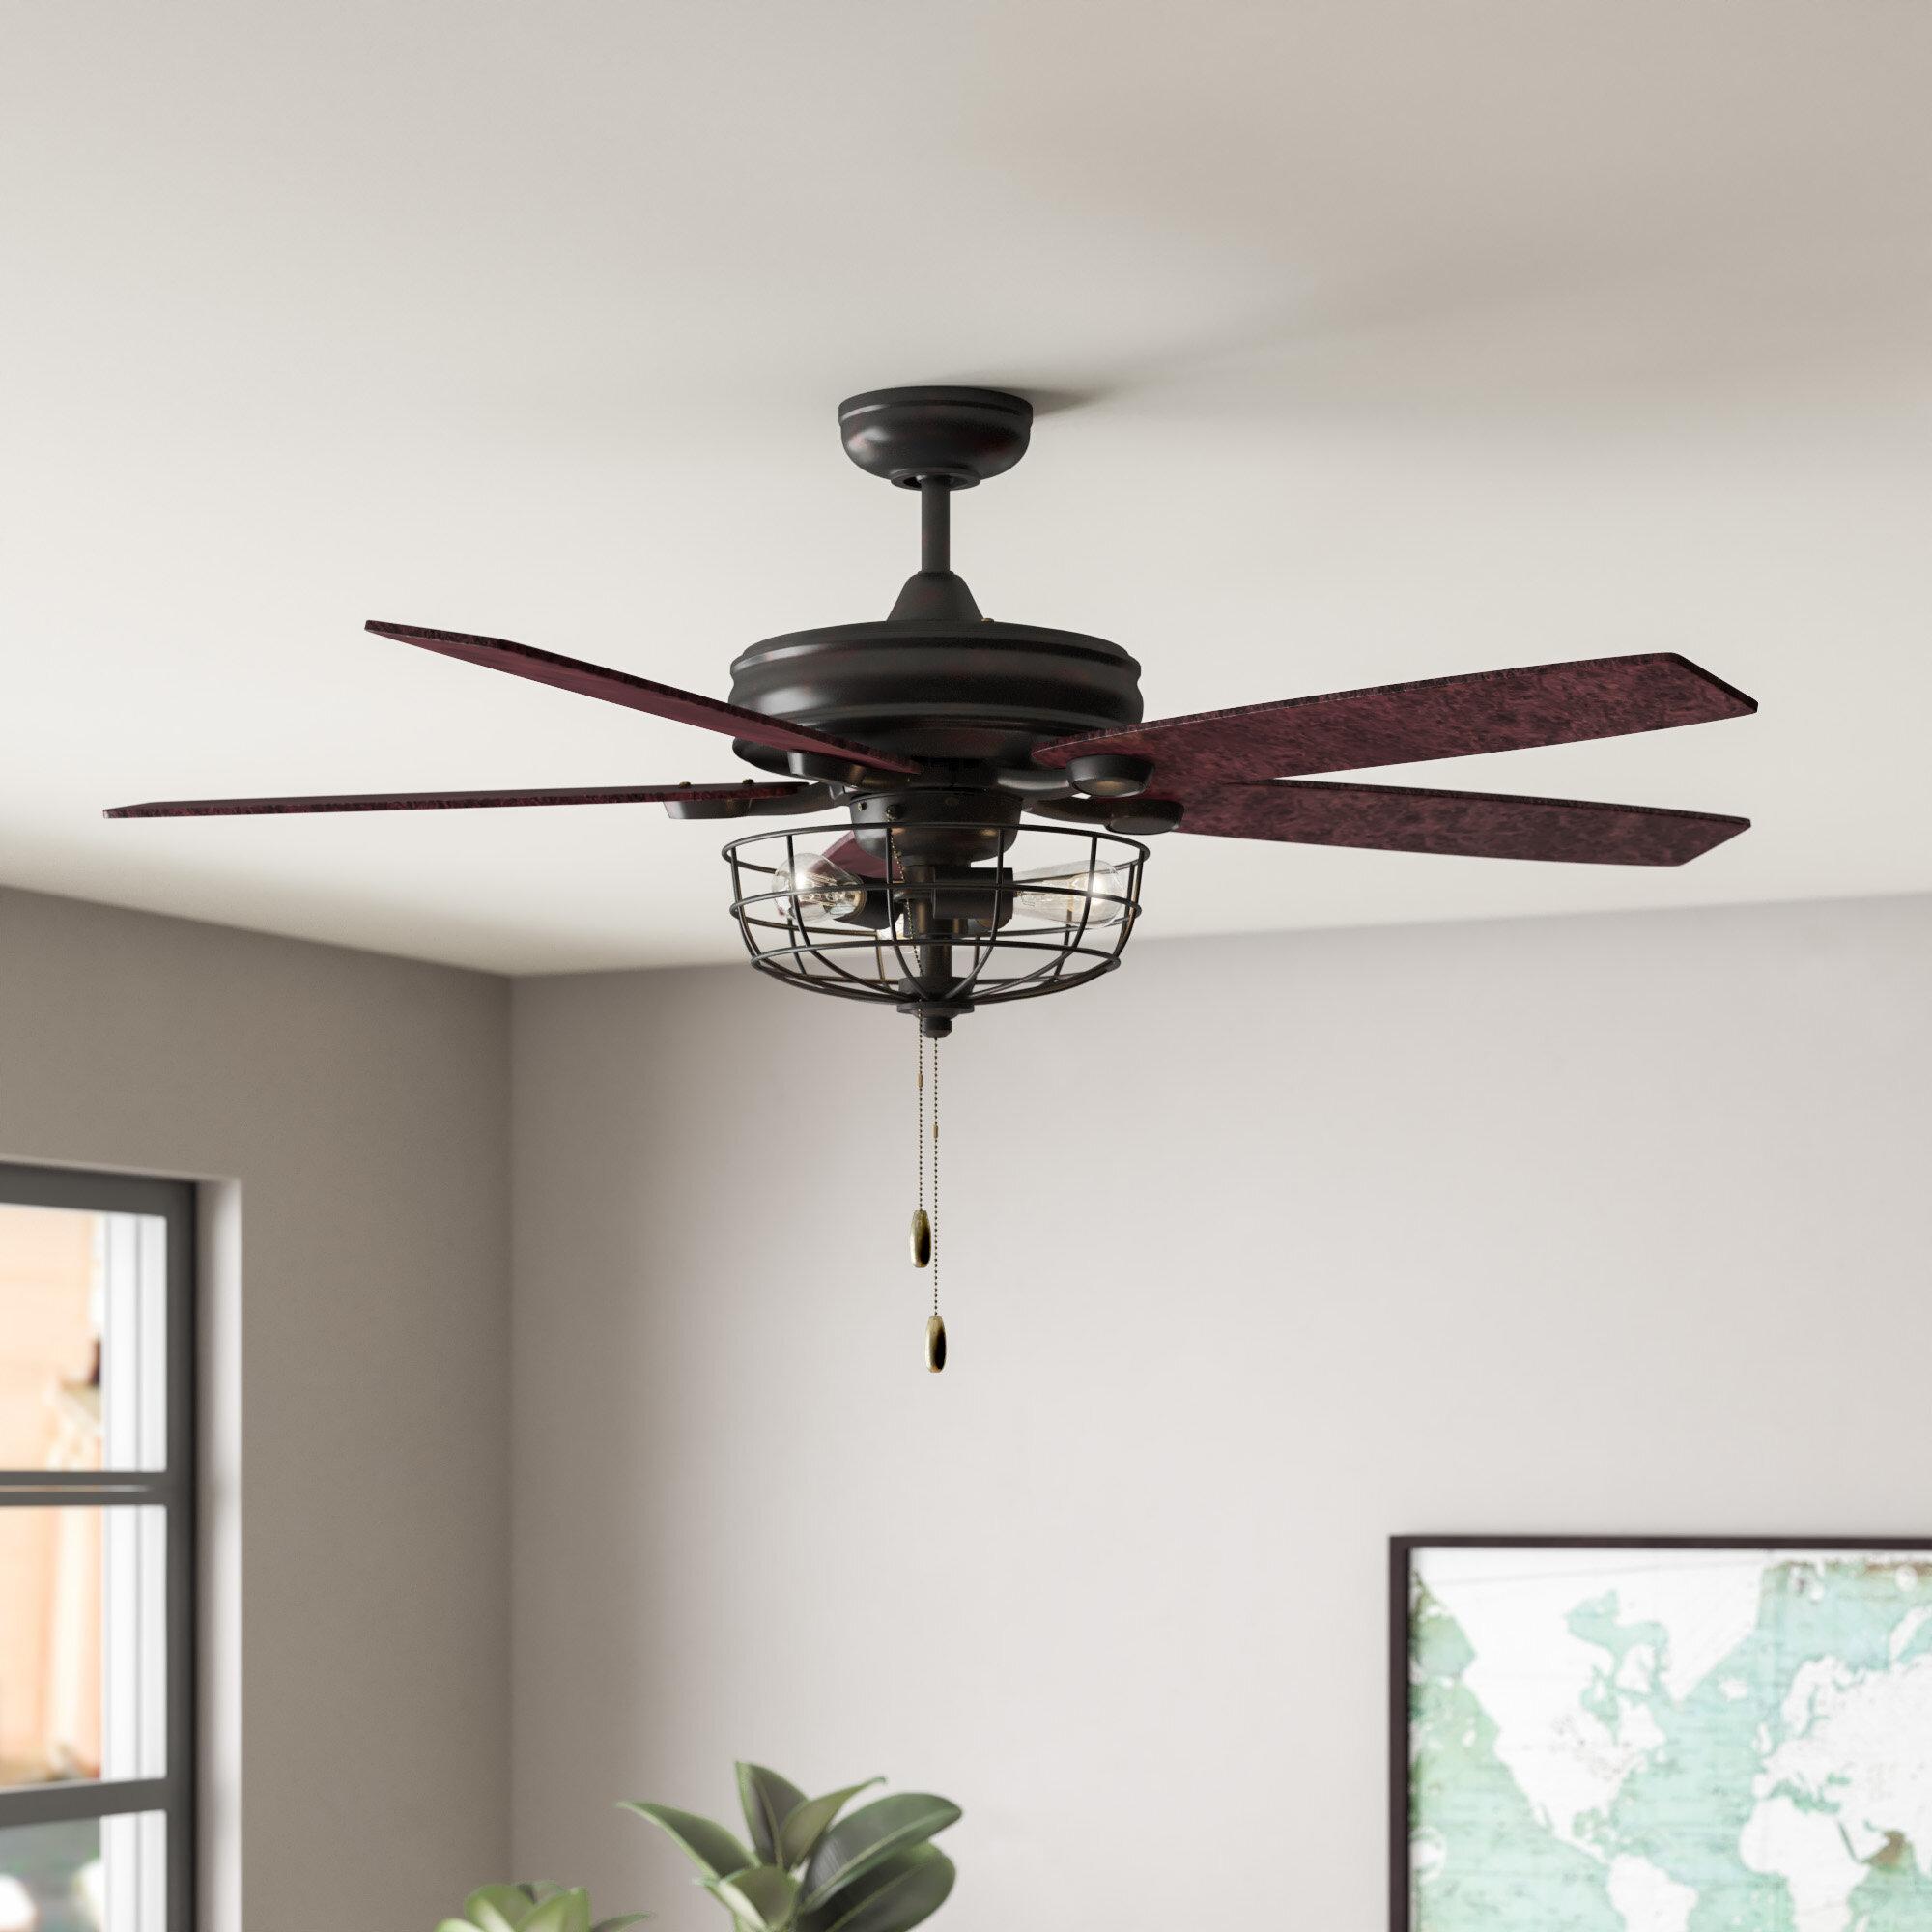 T Austin Design 52 Glenpool 5 Blade Ceiling Fan Light Kit Included Reviews Wayfair